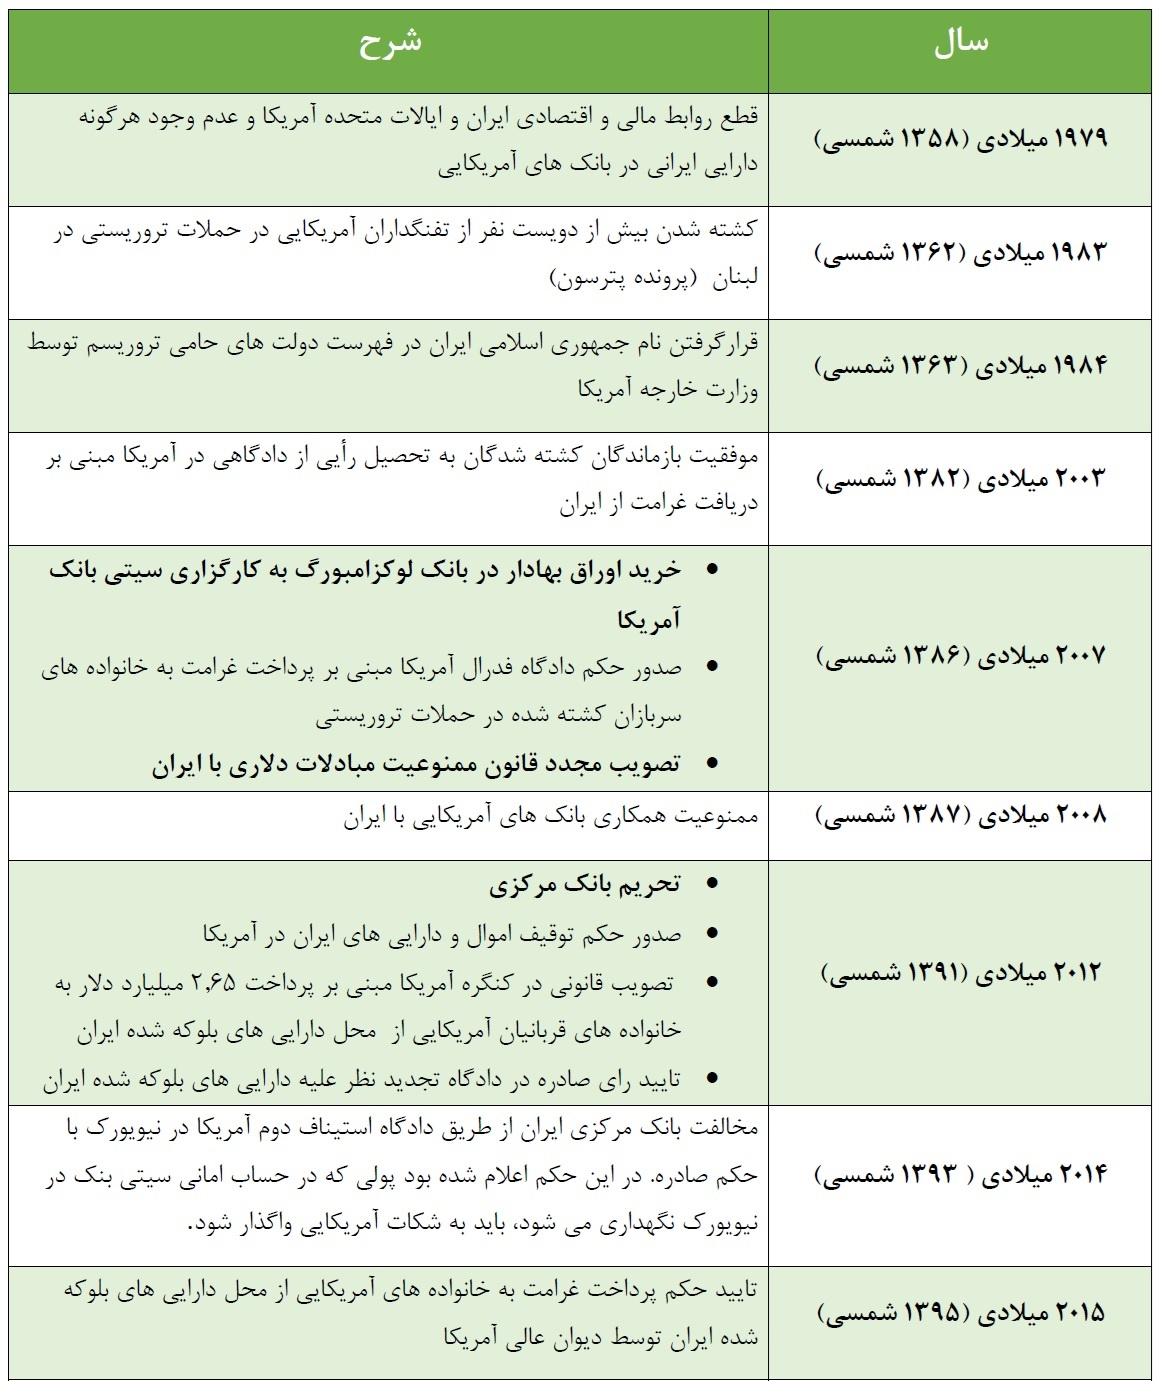 کاغذپاره هایی که پول های ایران را به چنگ آمریکا انداخت